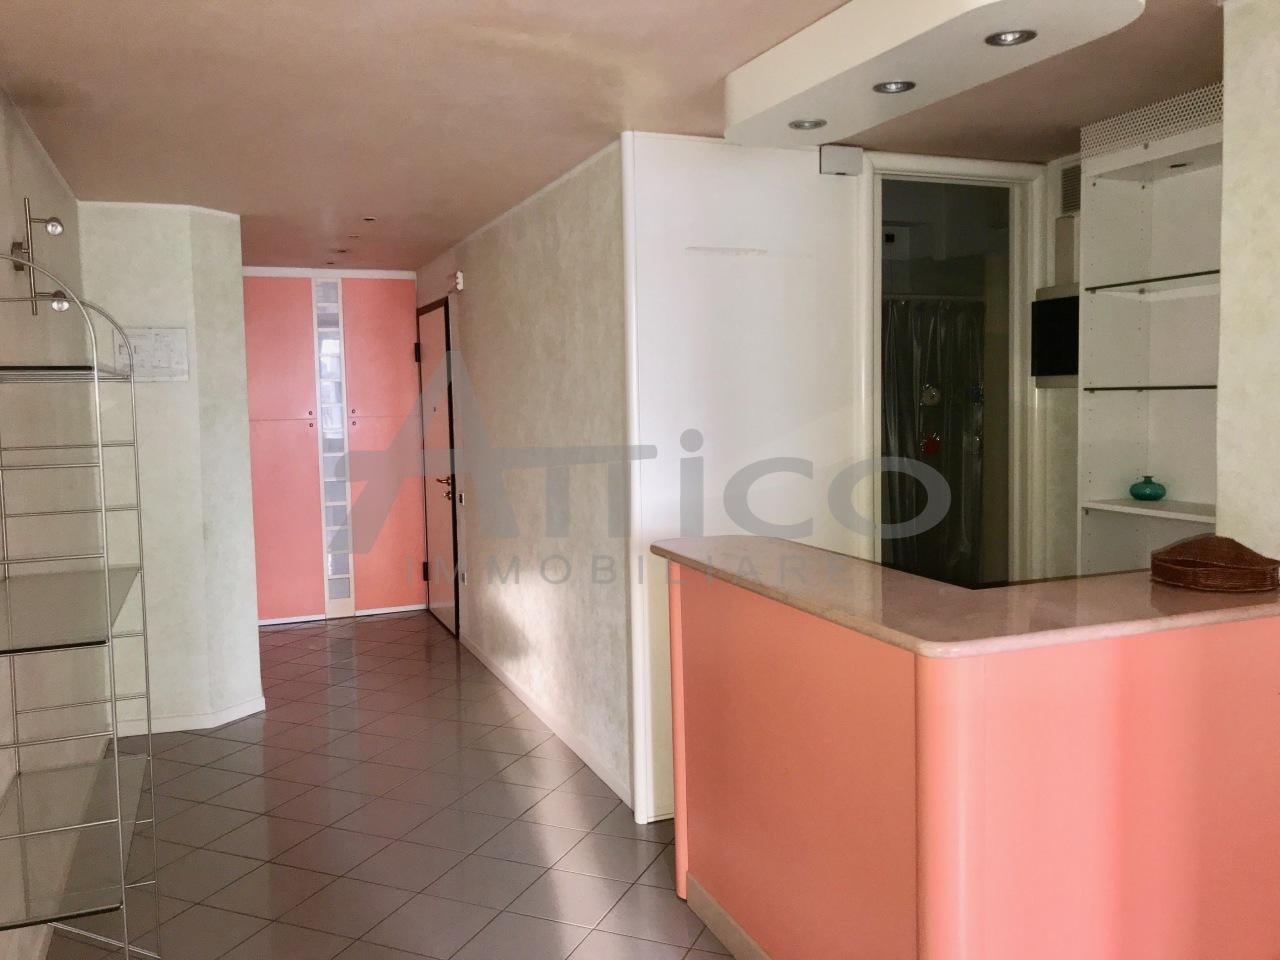 Appartamento in vendita a Rovigo, 5 locali, prezzo € 60.000 | CambioCasa.it